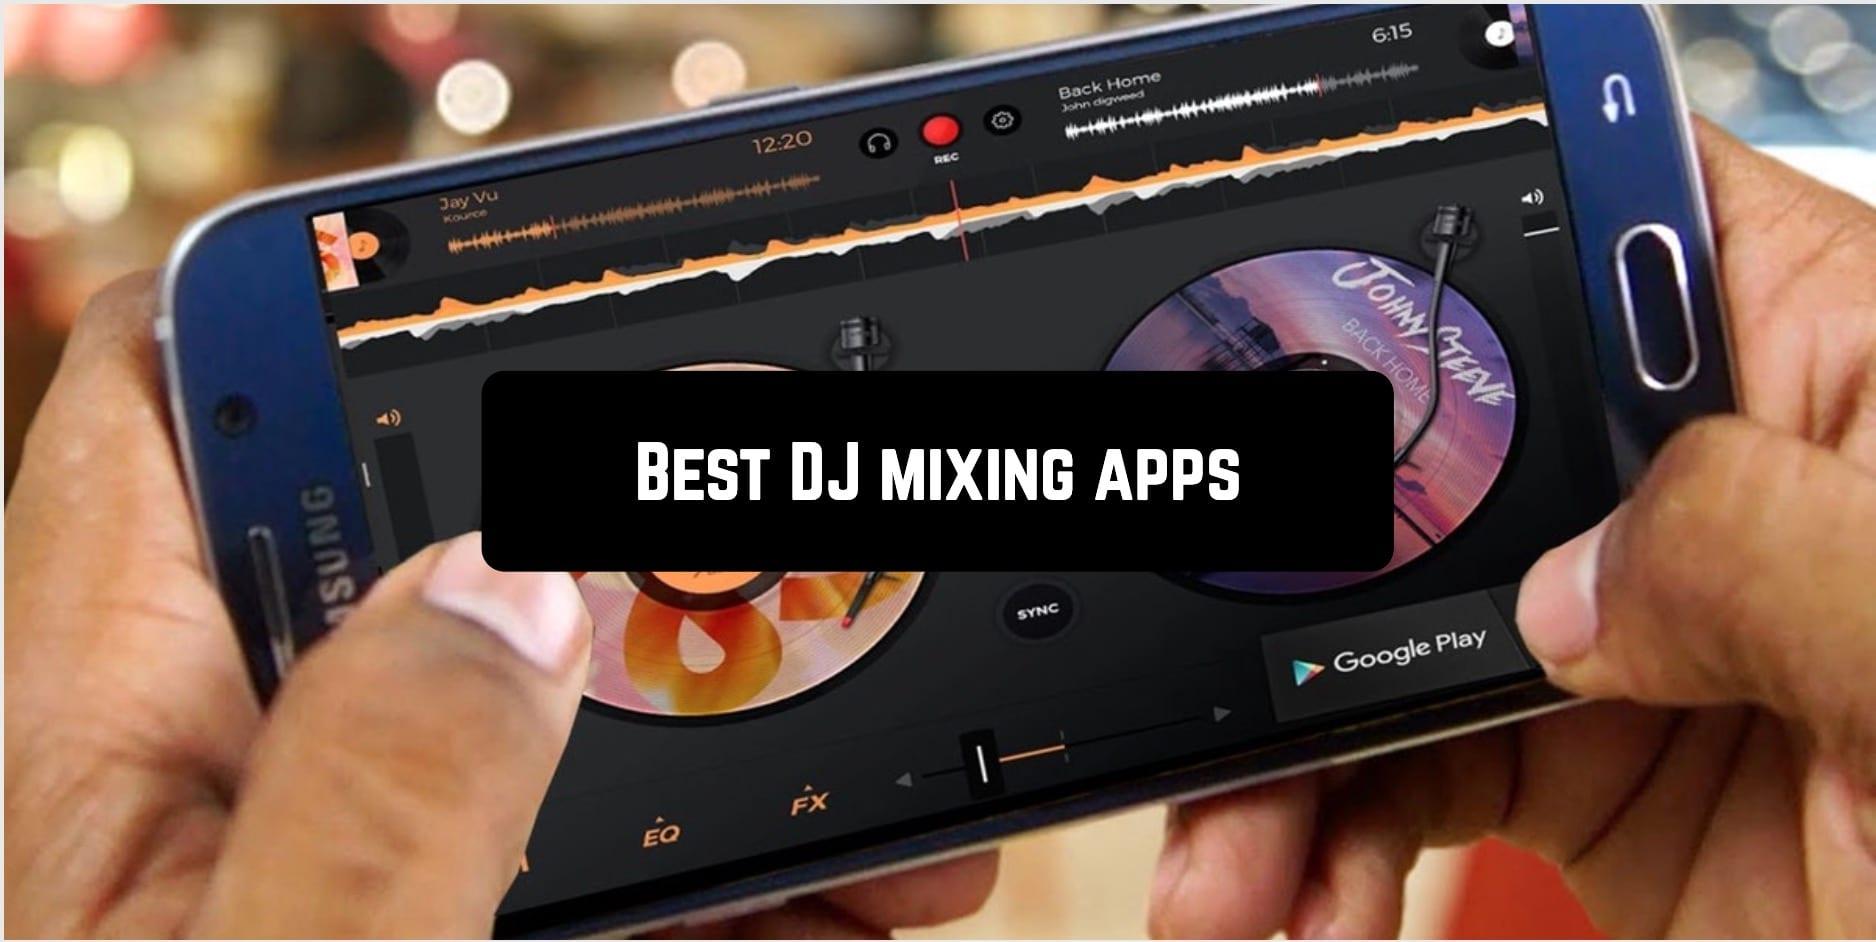 Best DJ mixing apps